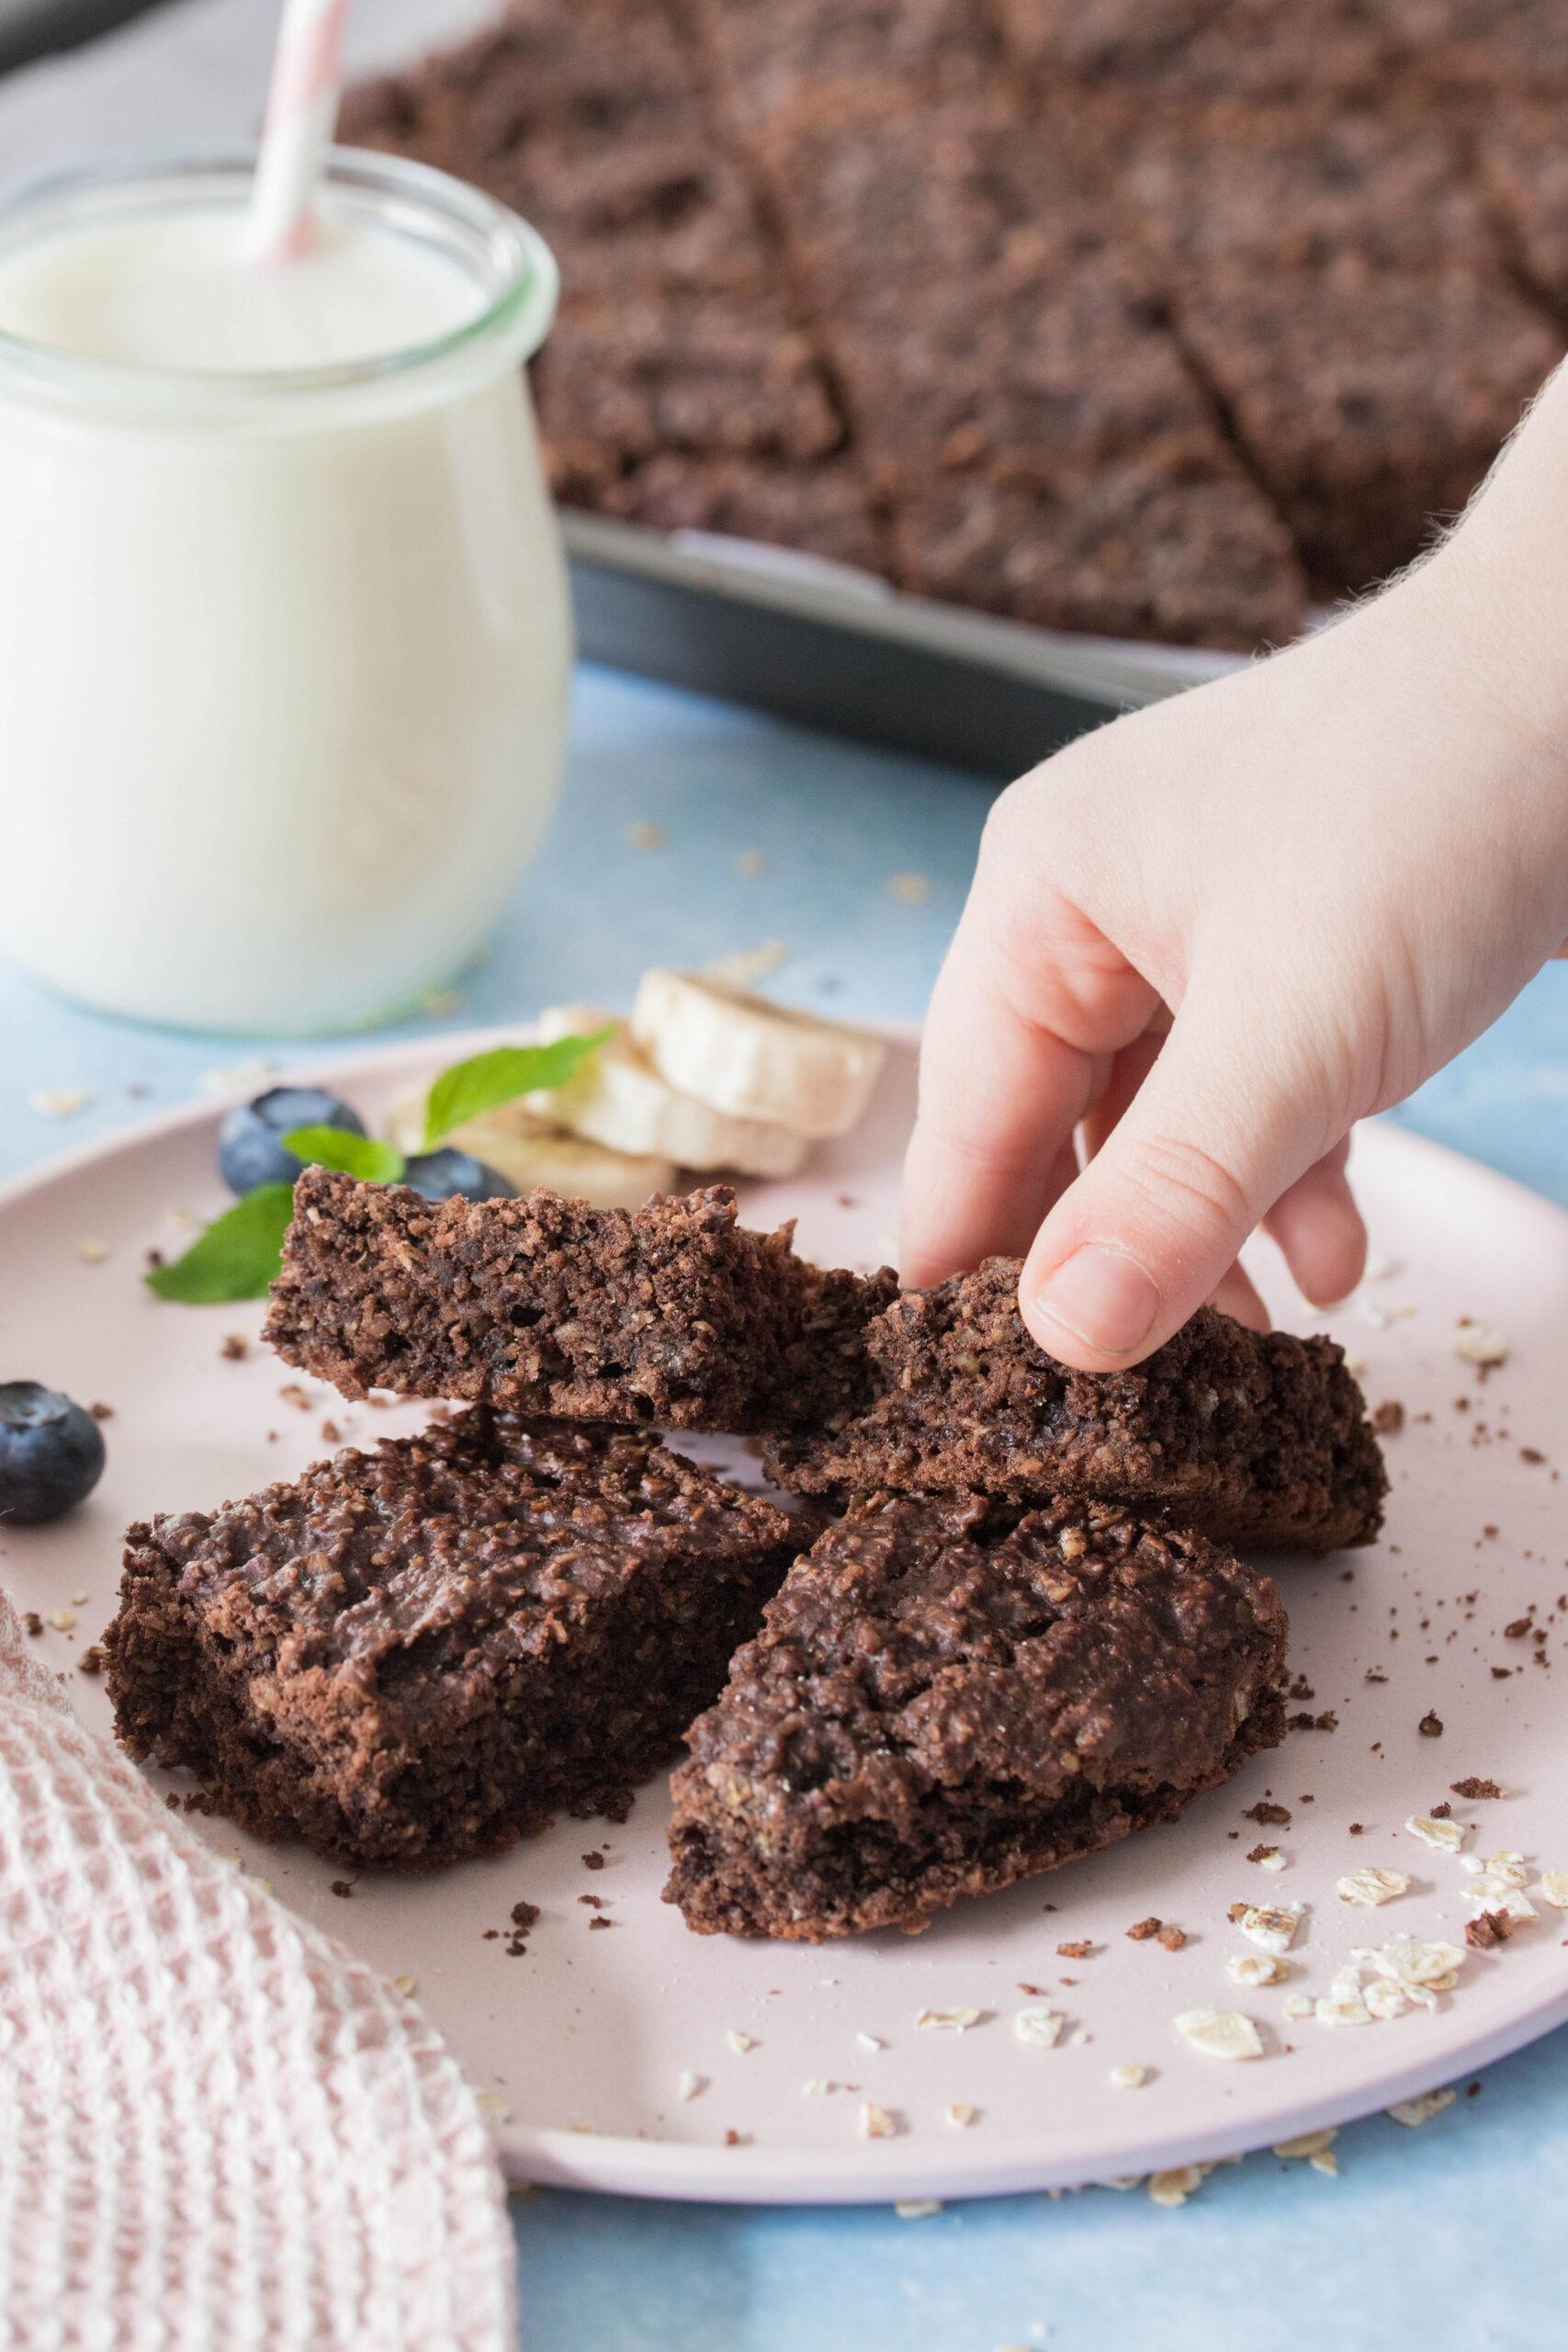 Leckere Zucchini-Bananen Brownies - gesunder Snack für die ganze Familie.